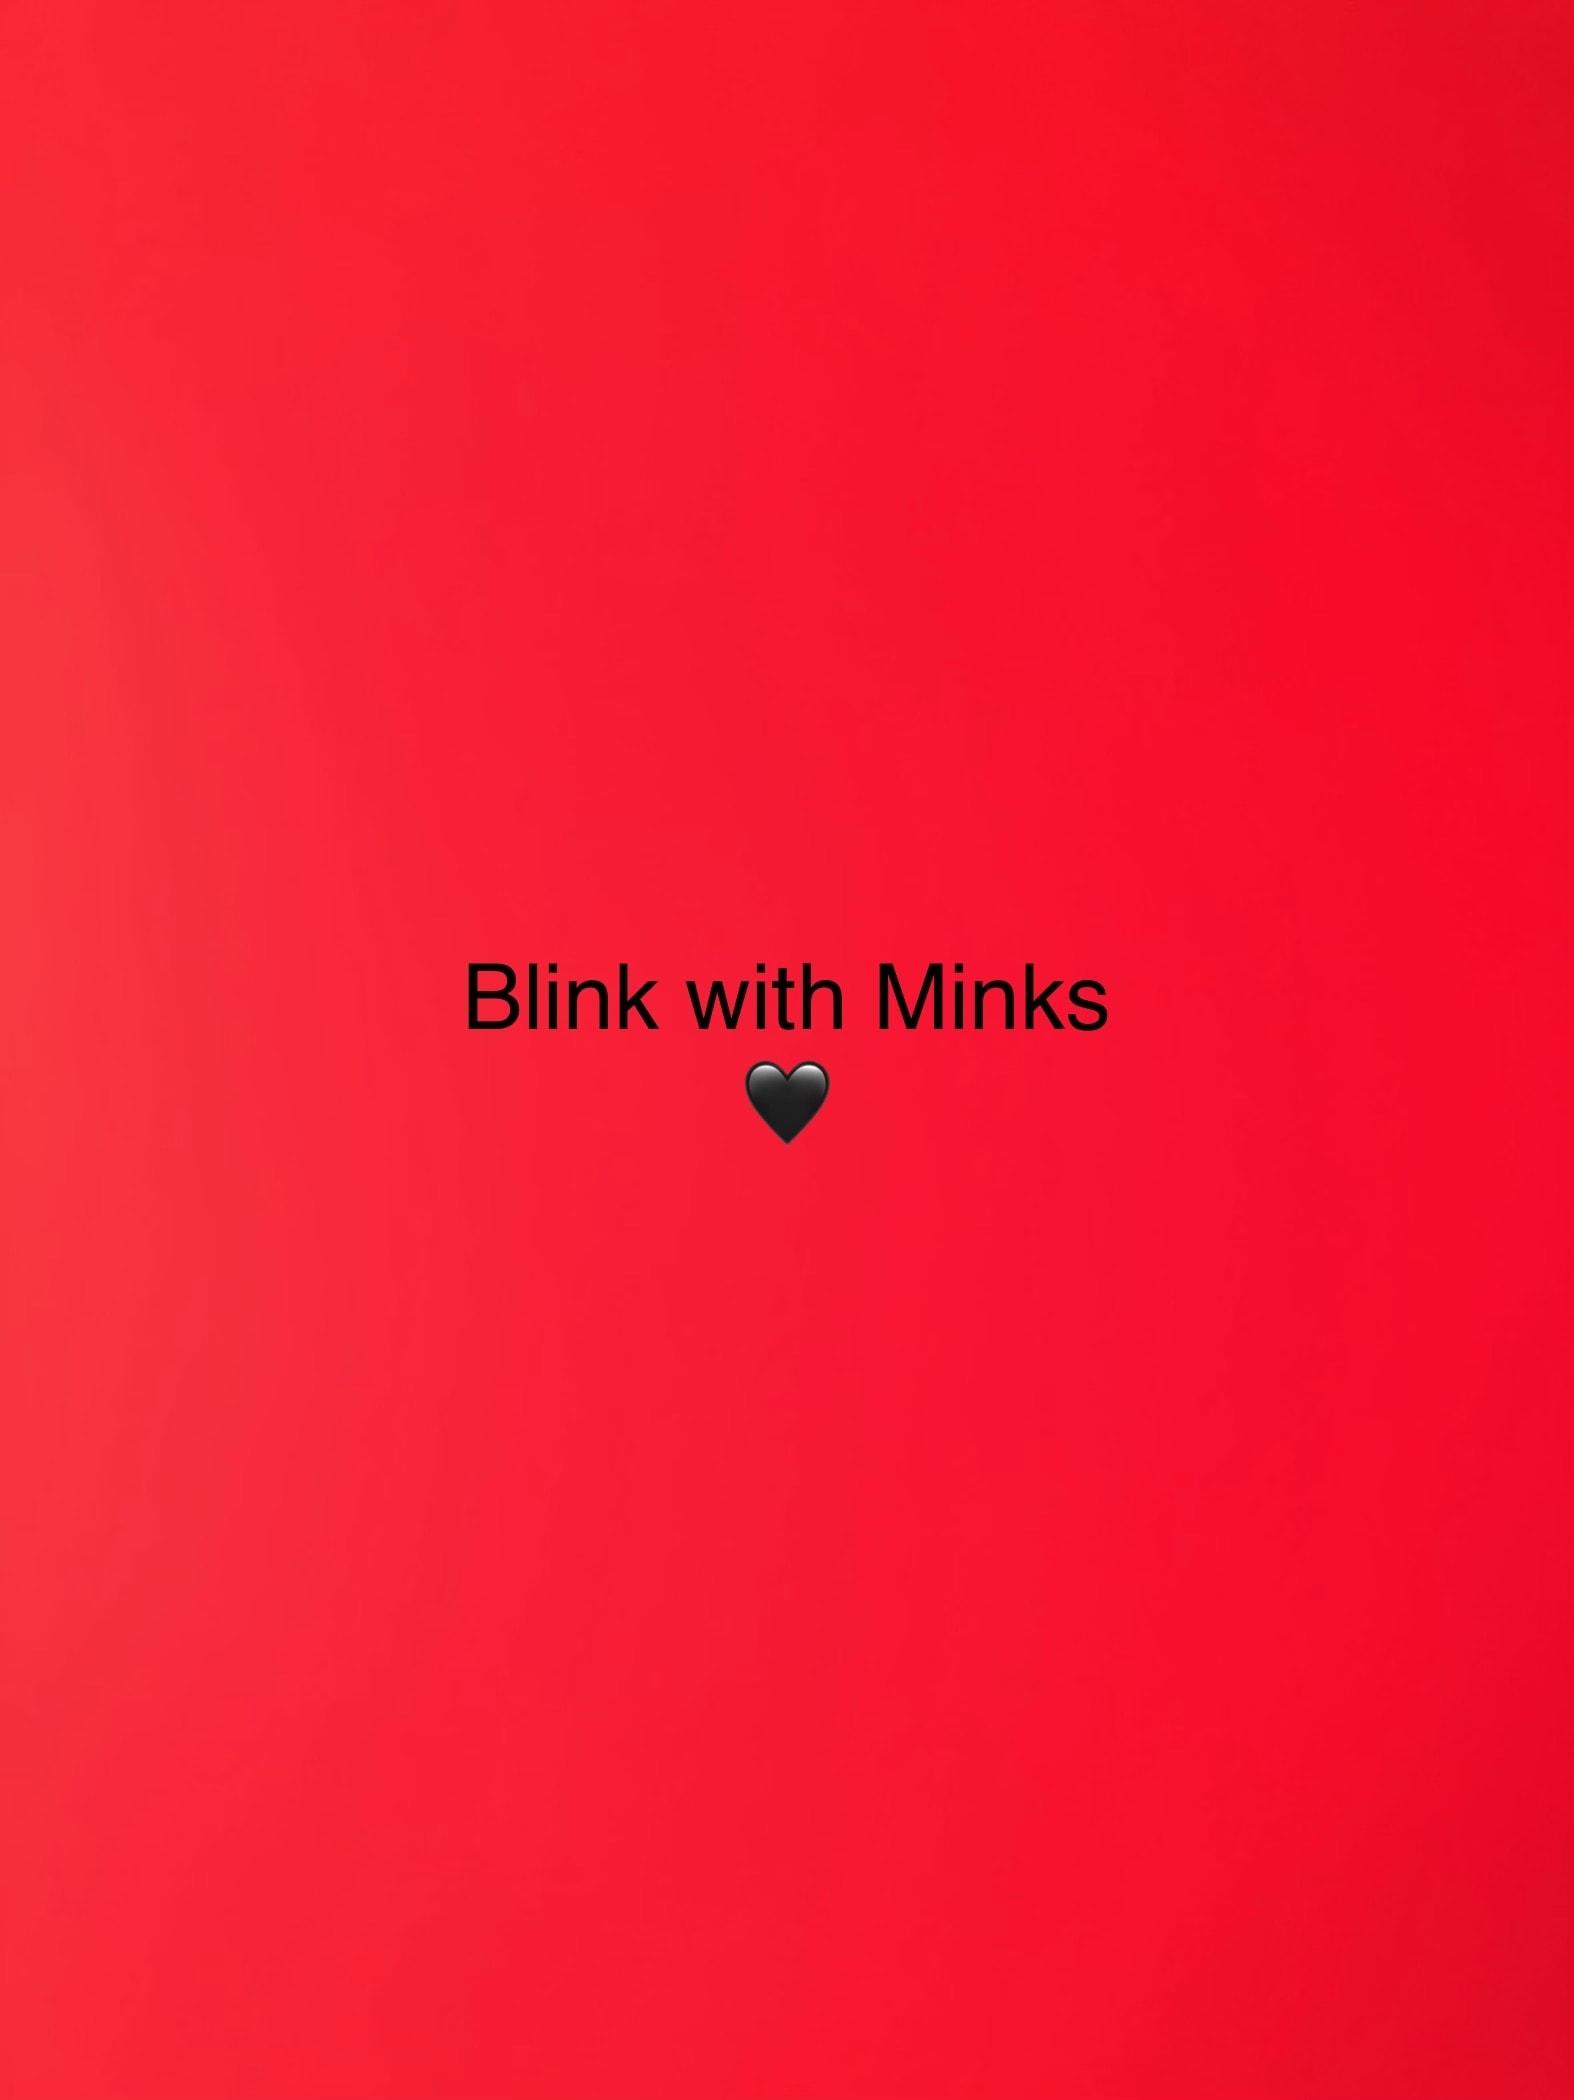 Minks & Blinks